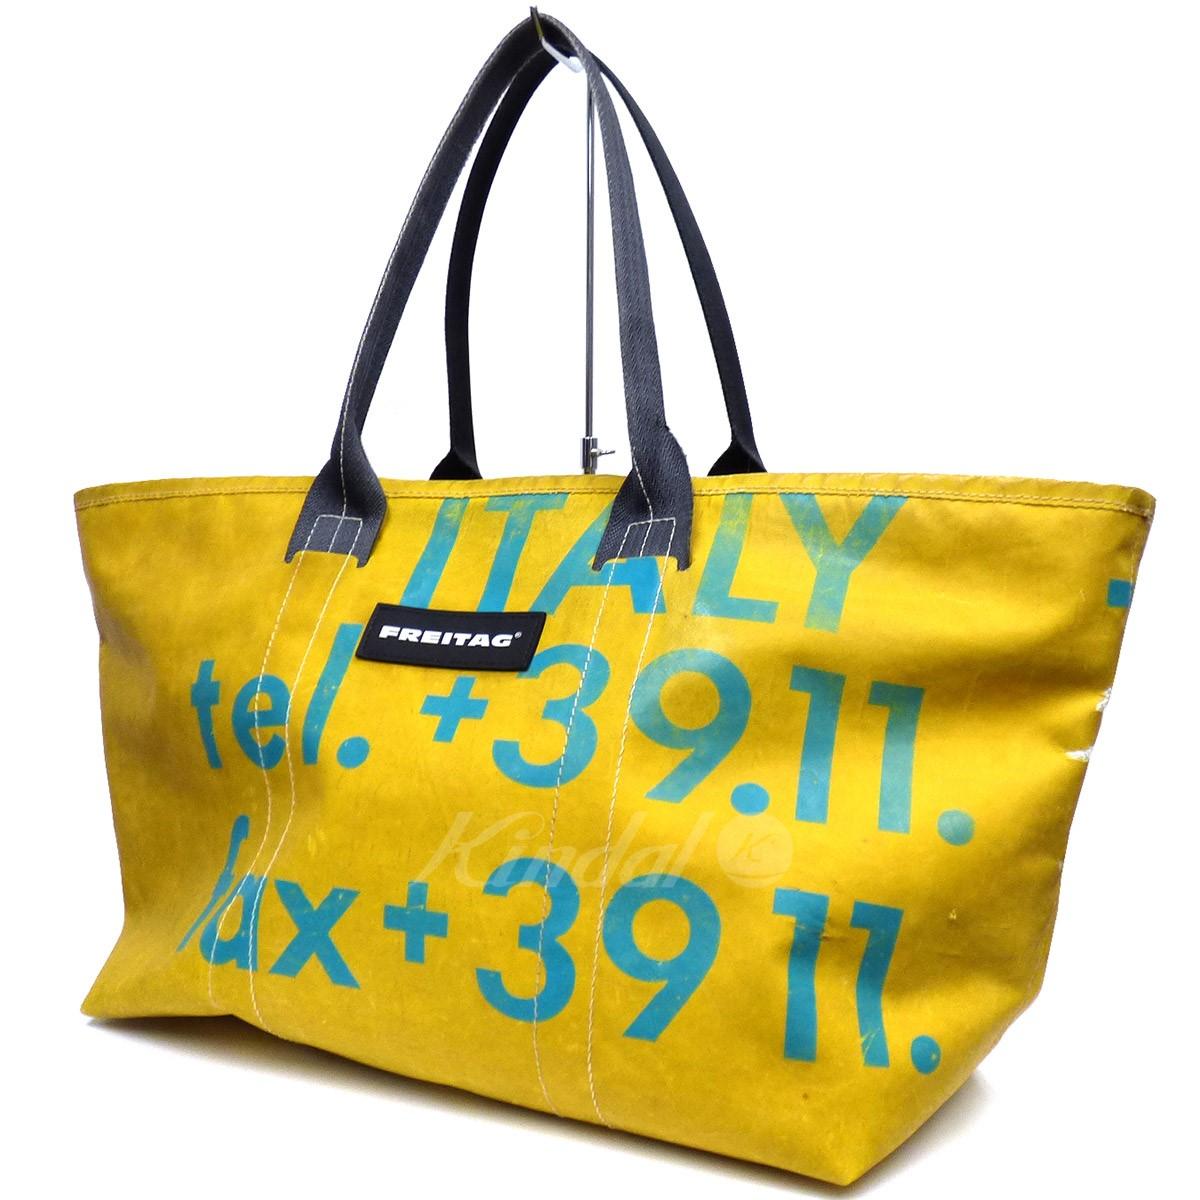 【中古】FREITAG F73廃盤COOPERクーパートートバッグ 【送料無料】 【005844】 【KIND1551】